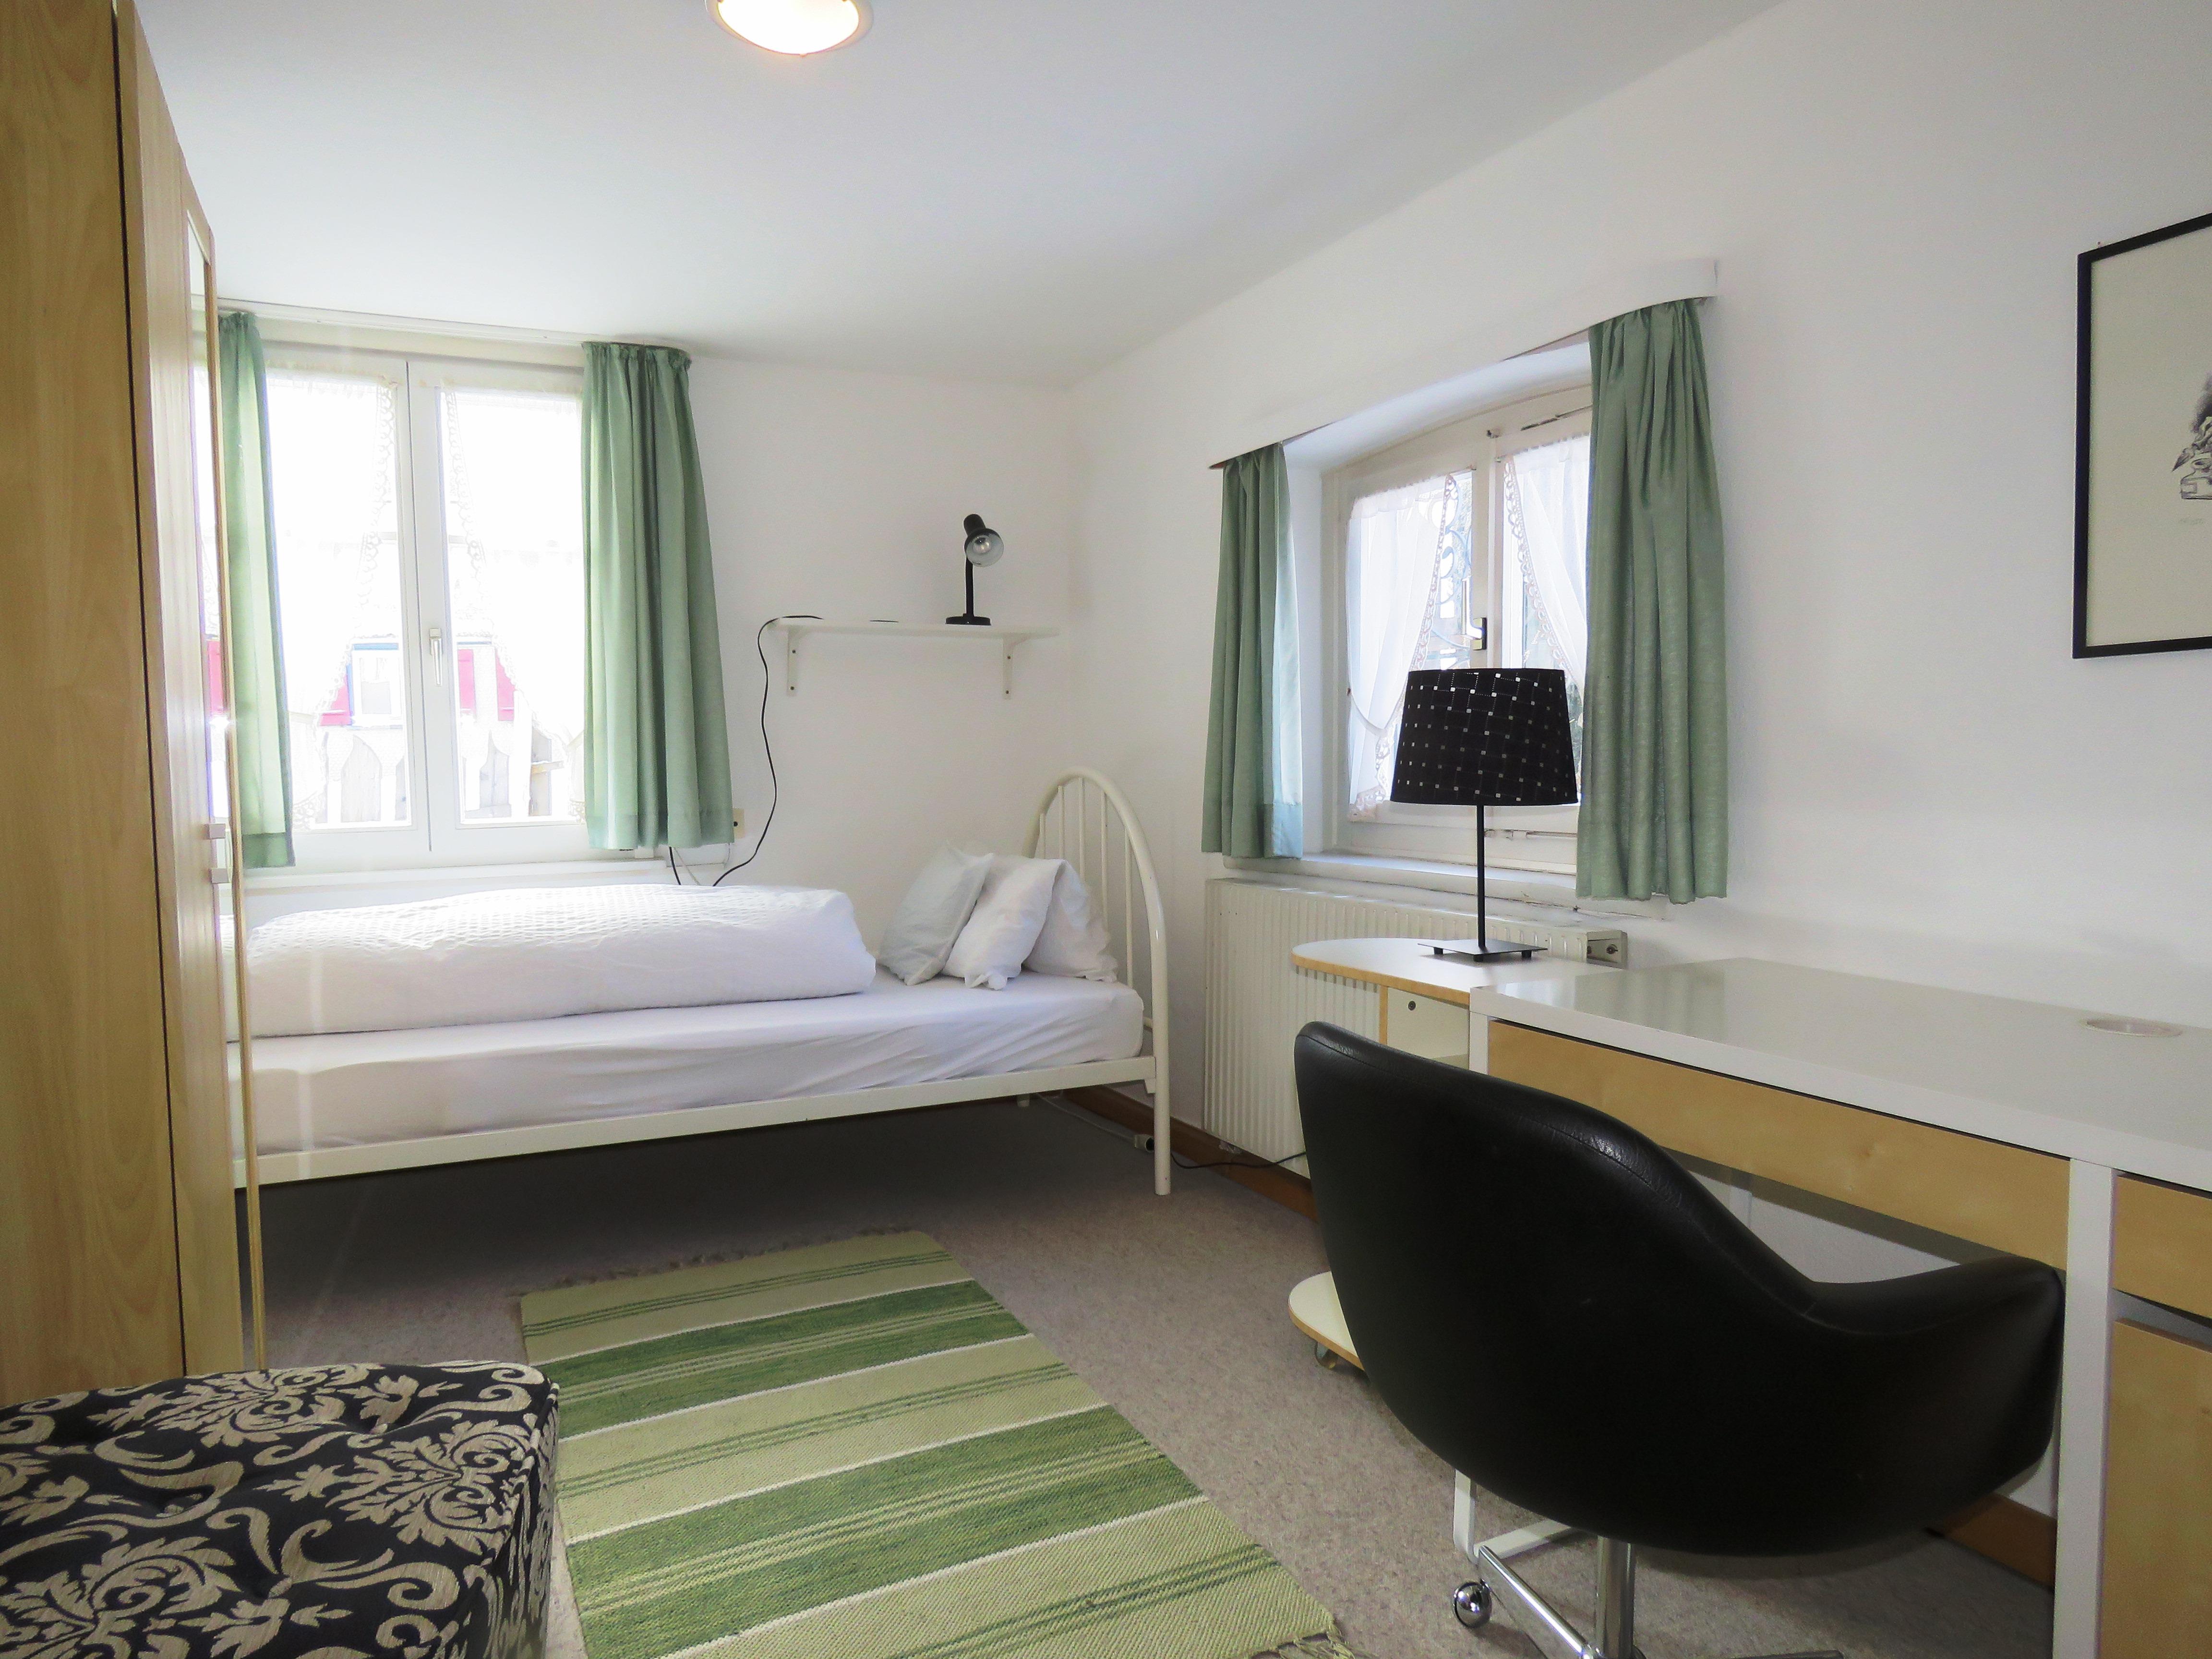 Zimmer 6, Einzelzimmer mit geteiltem Badezimmer